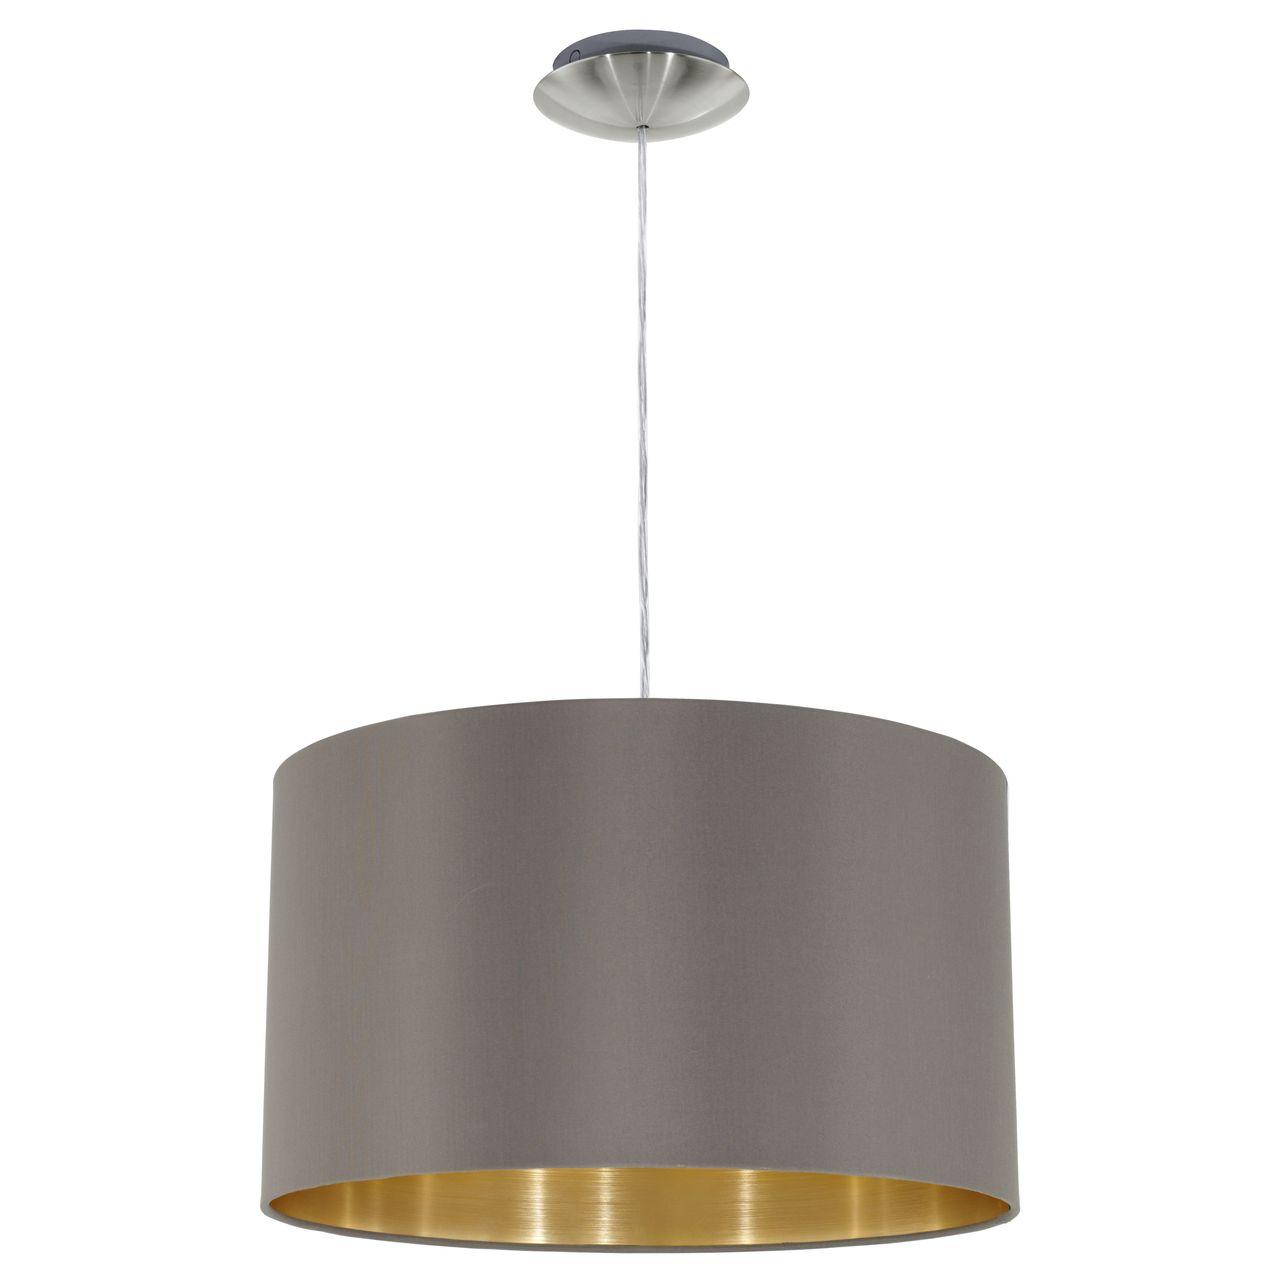 Подвесной светильник Eglo Maserlo 31603 подвесной светильник eglo maserlo 31601